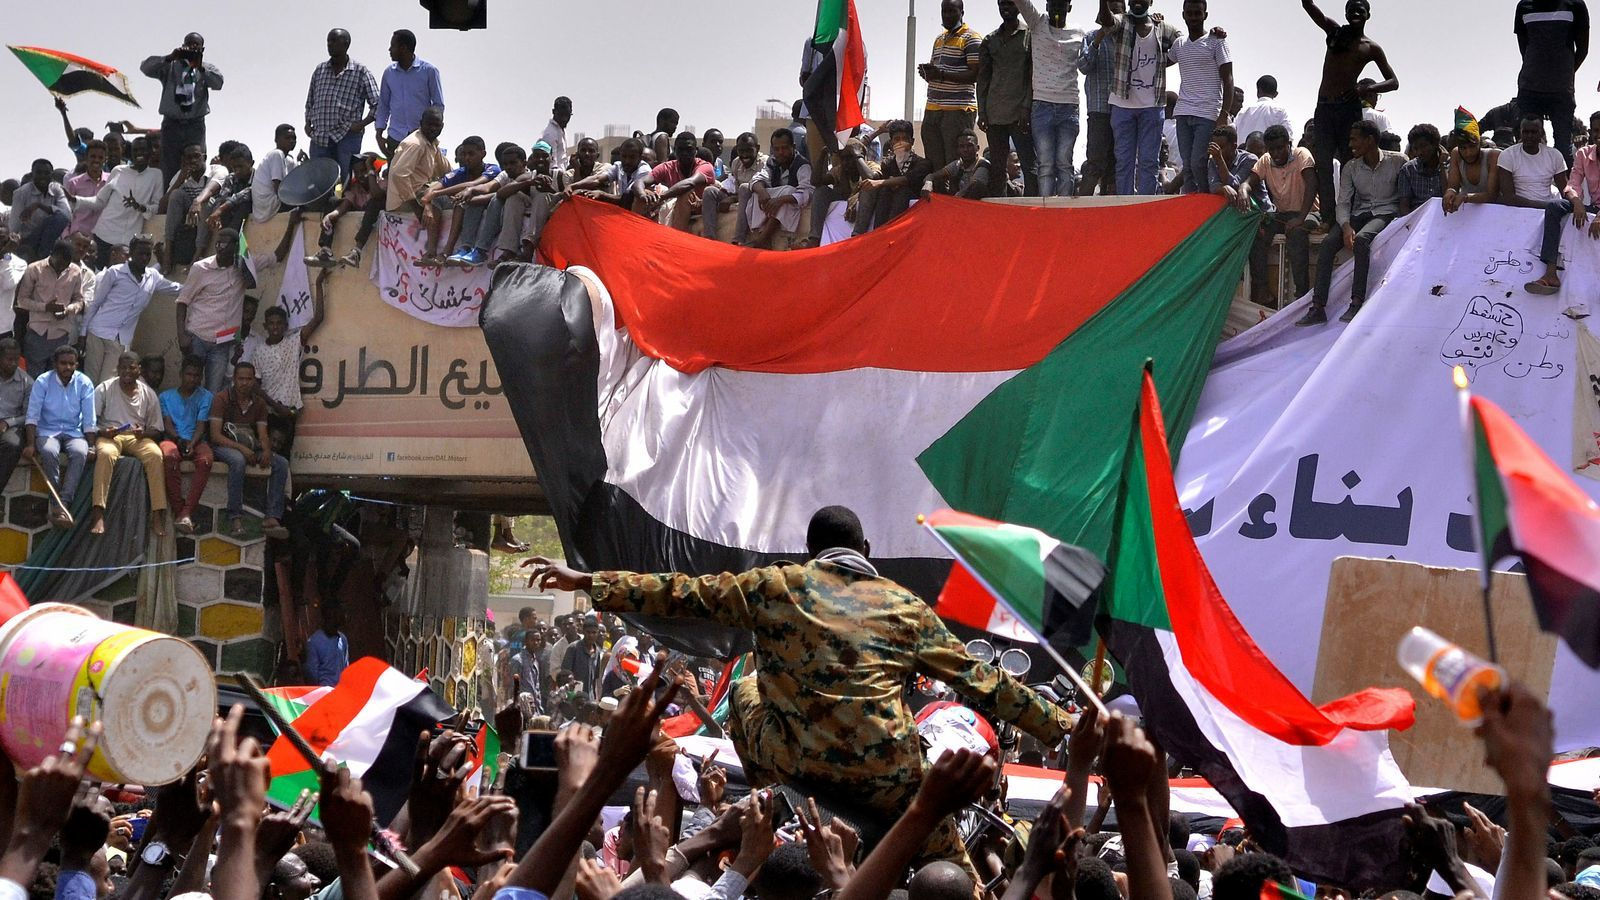 Cop d'estat al Sudan: cau un altre dictador africà